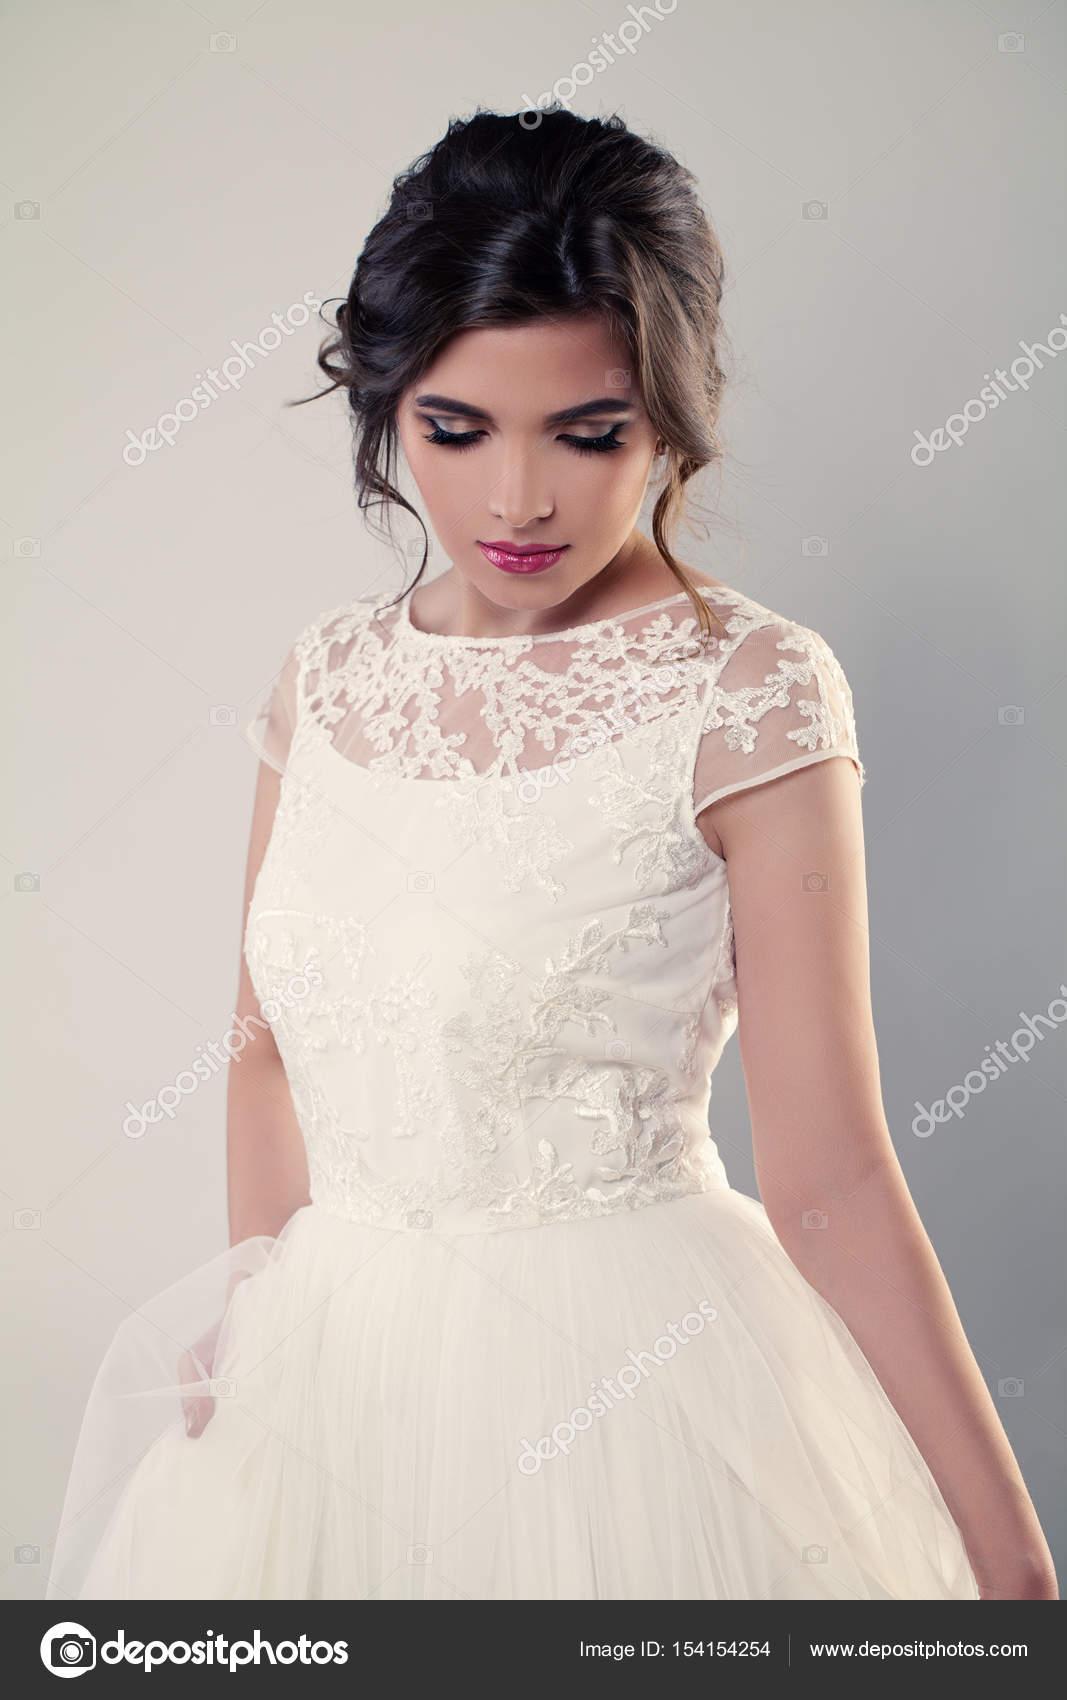 Mode Modell Braut im weißen Kleid. Hochzeit Make-up und Frisur ...